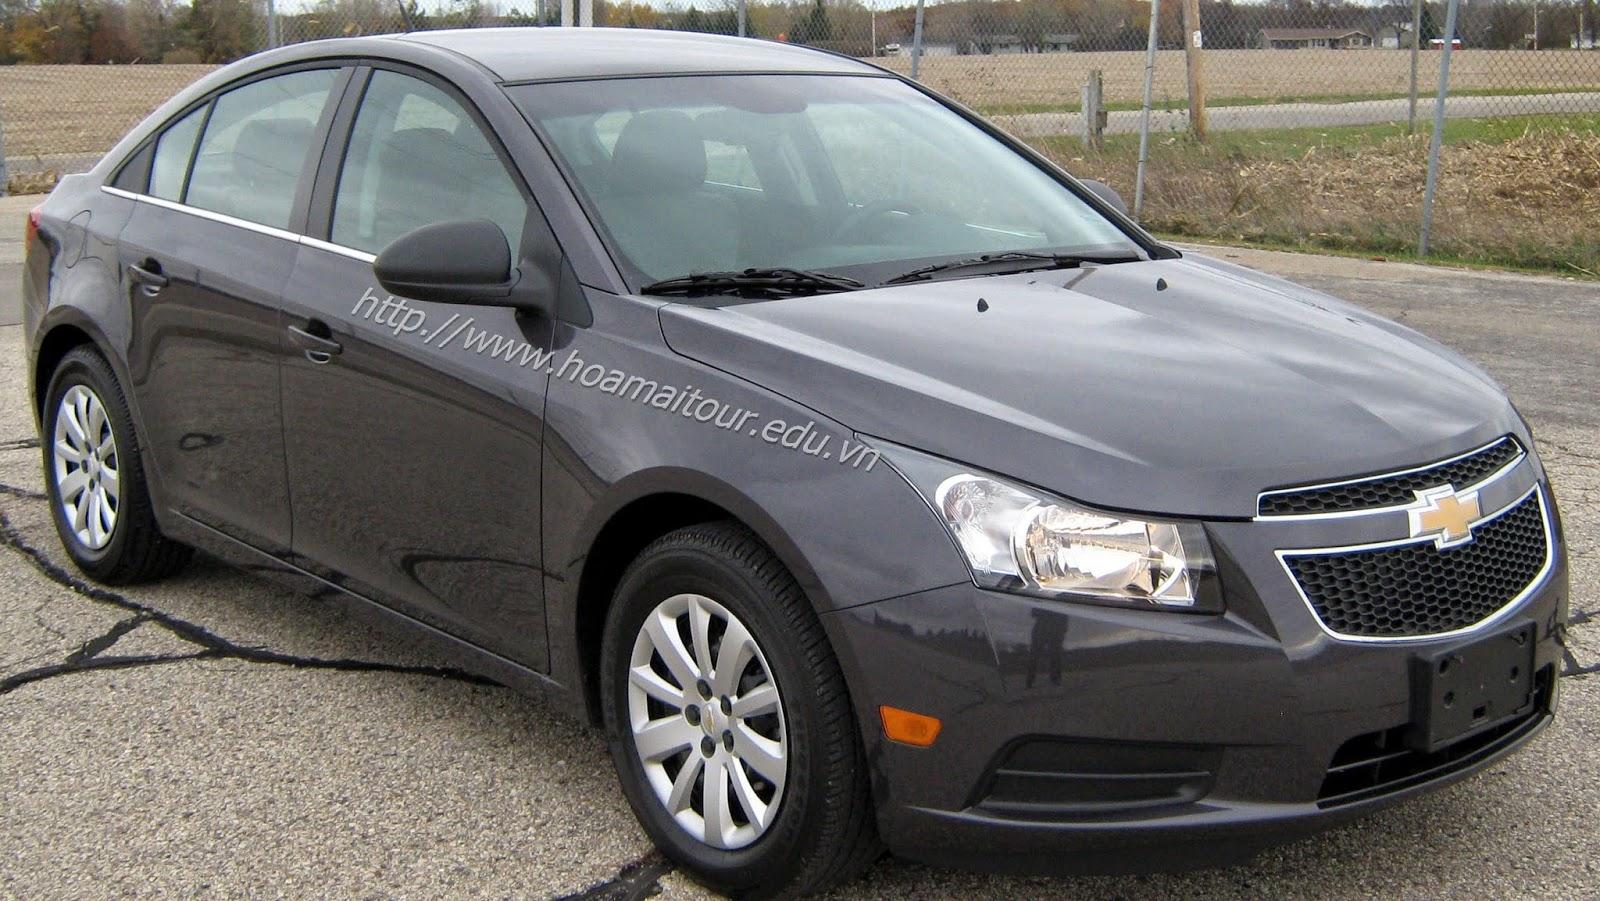 Cho thuê xe cưới Chevrolet Cruze giá rẻ